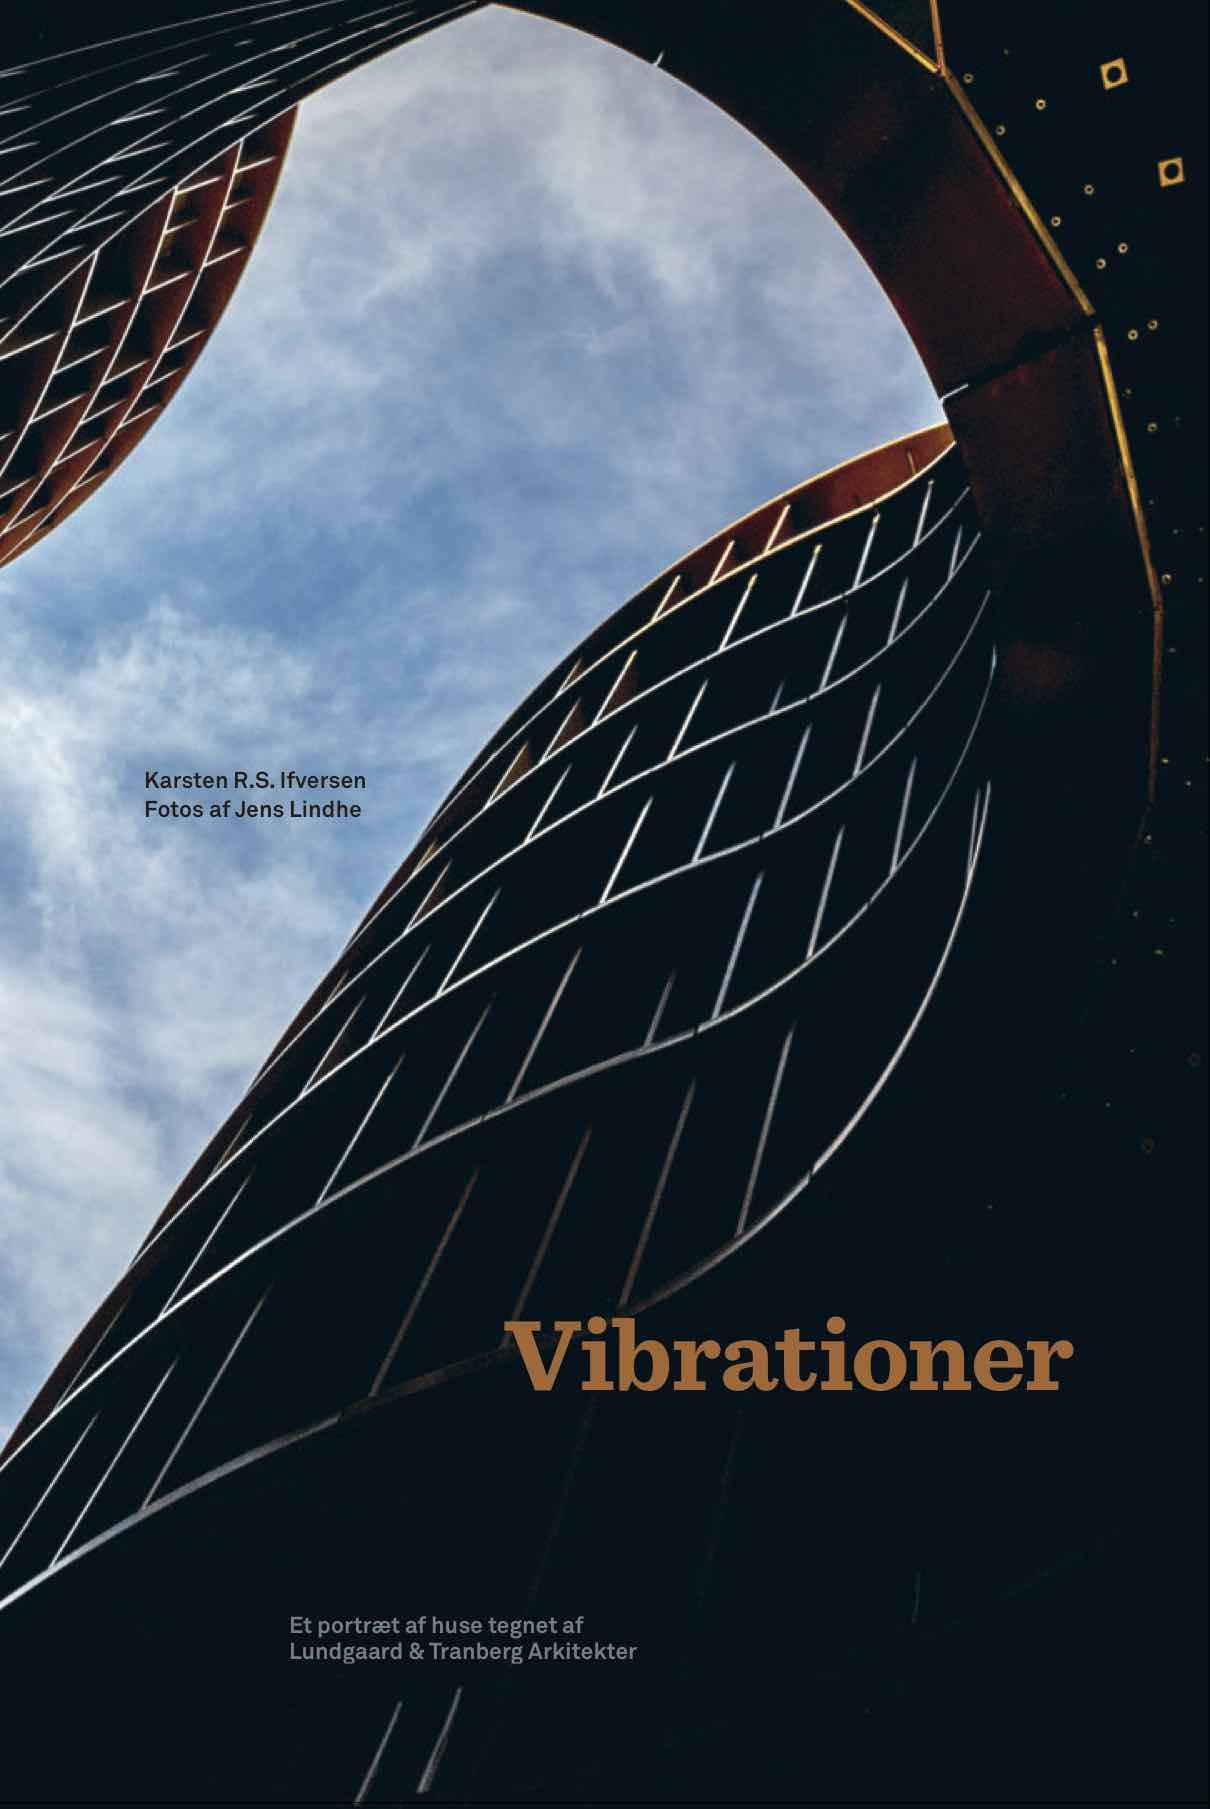 104344_cover_vibrationer_r2_lo_